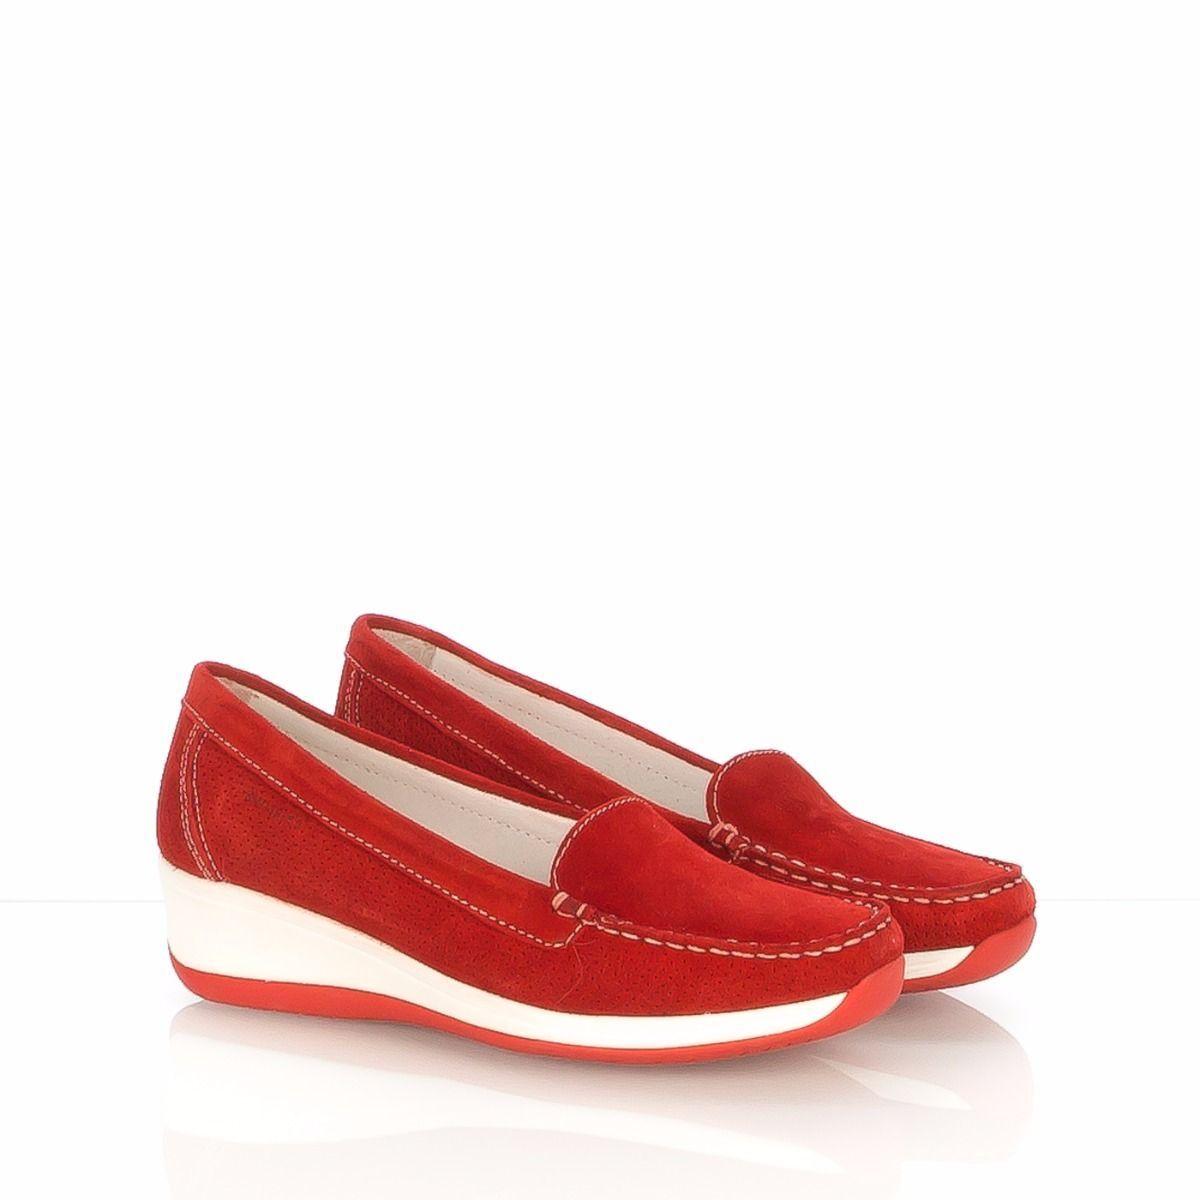 SWISSIES JESSICA II mocassino donna camoscio rosso rosso rosso taupe ammortizzato fdd9b1